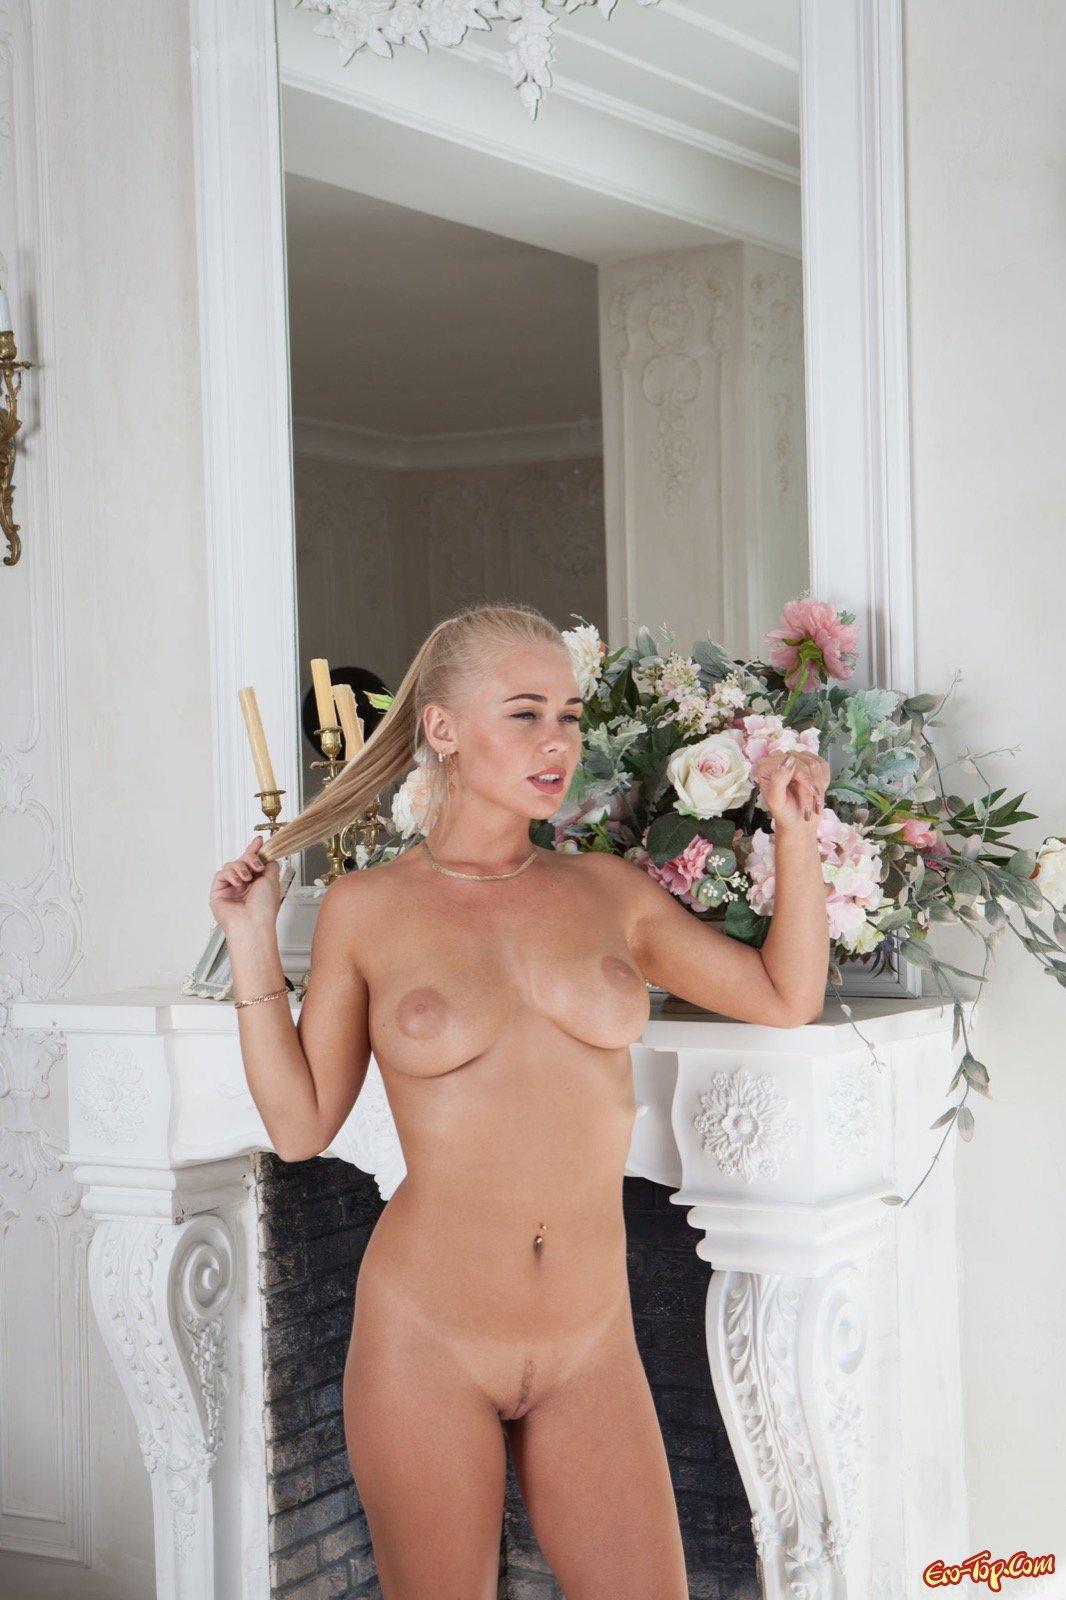 Элегантная блондинка с сексуальным телом сняла платье